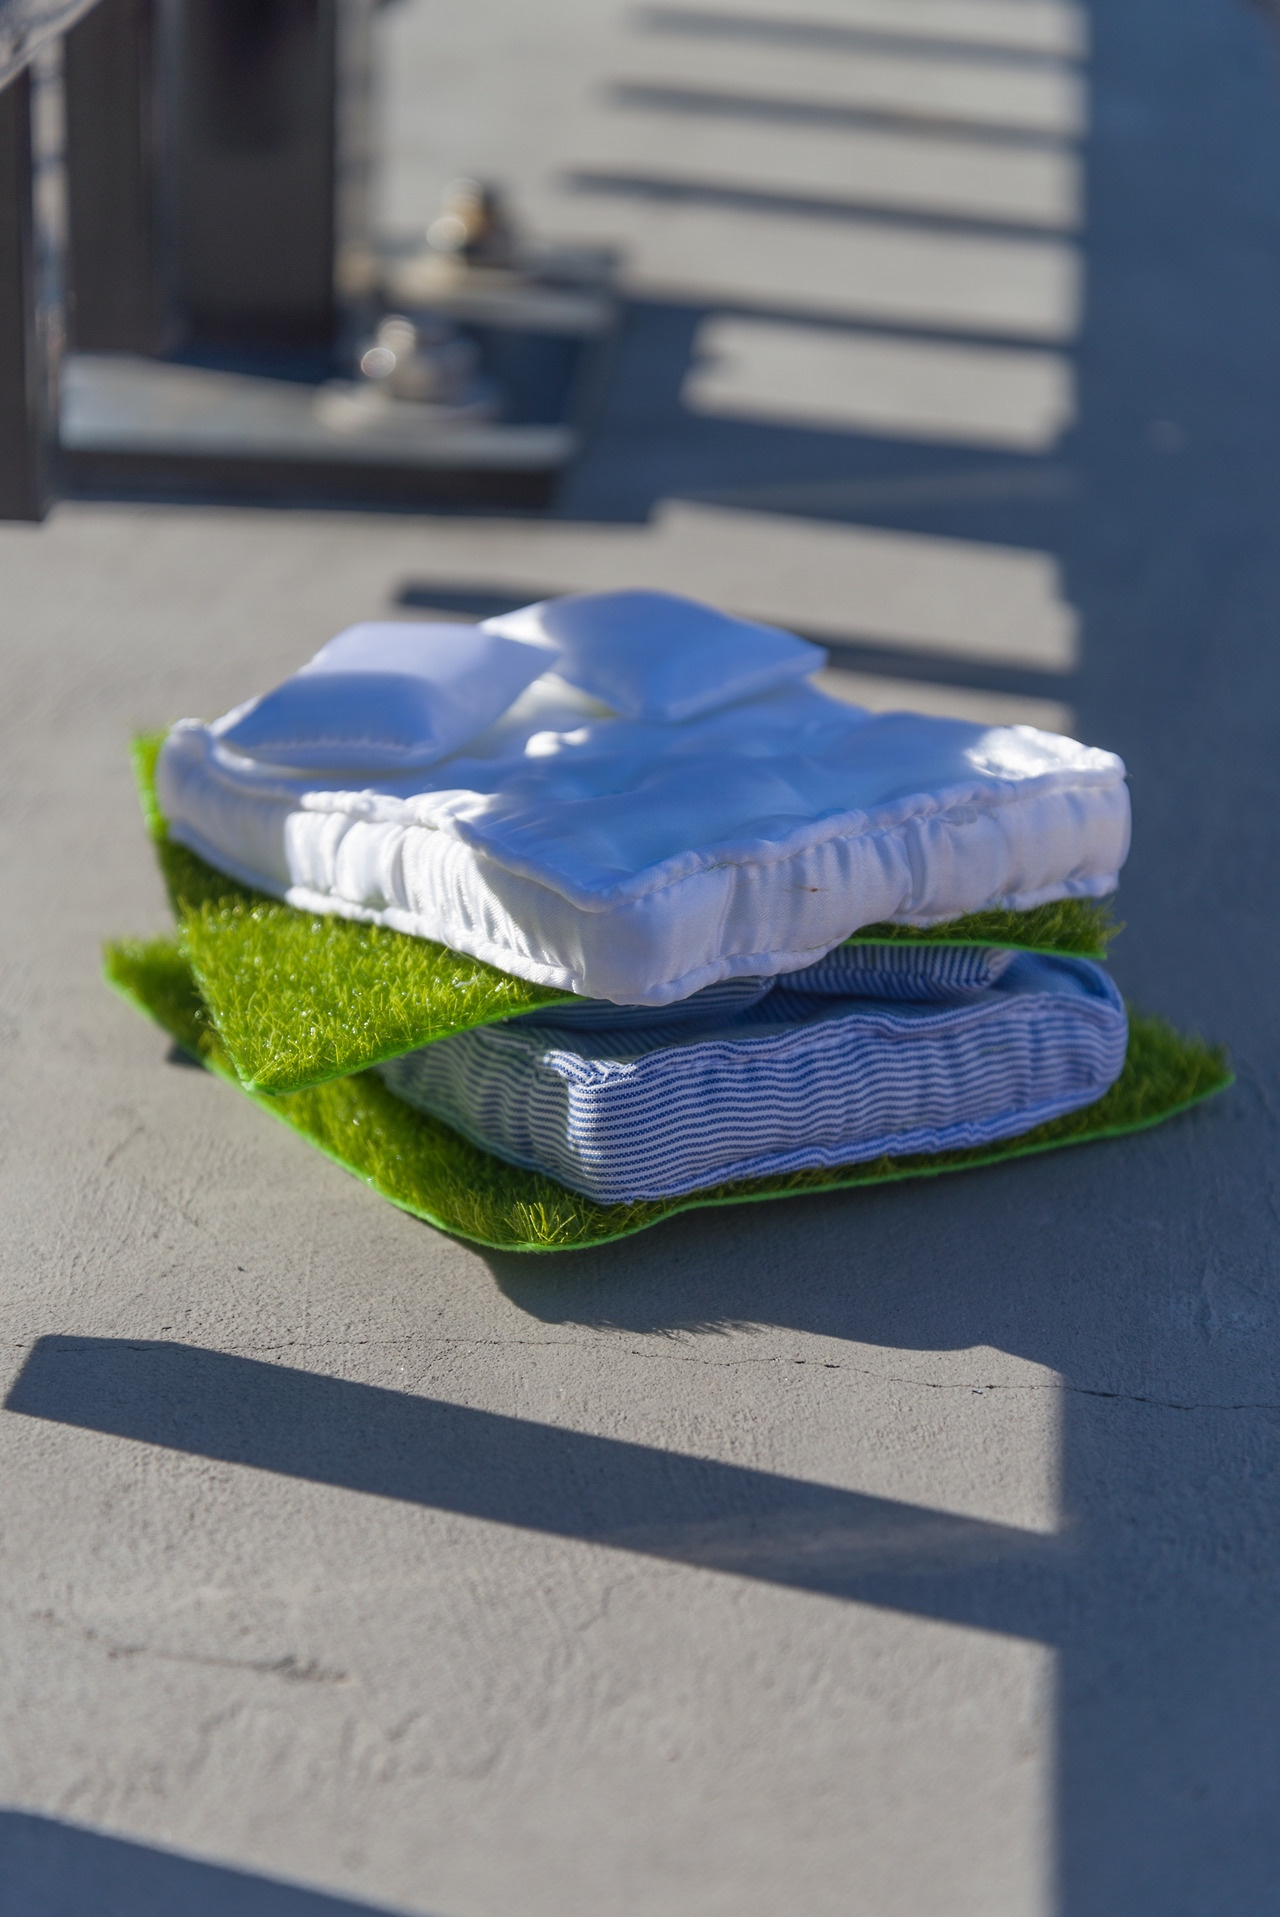 Sinkhole_mattress.jpg